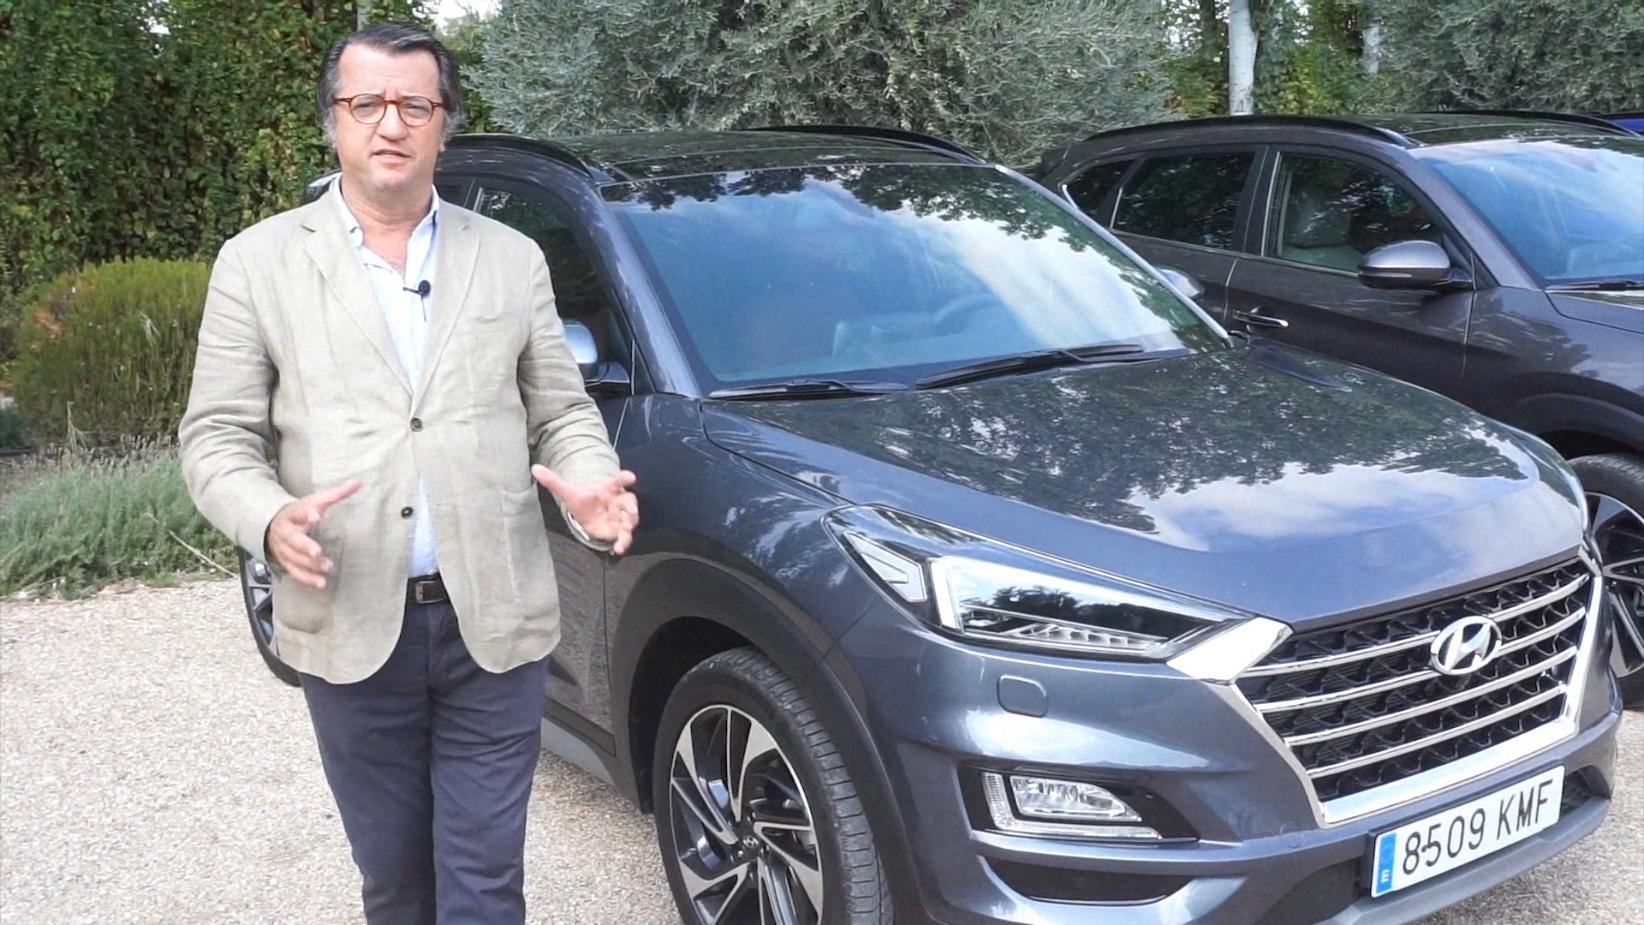 Nuevo Hyundai Tucson desgranado por Santiago de la Rocha